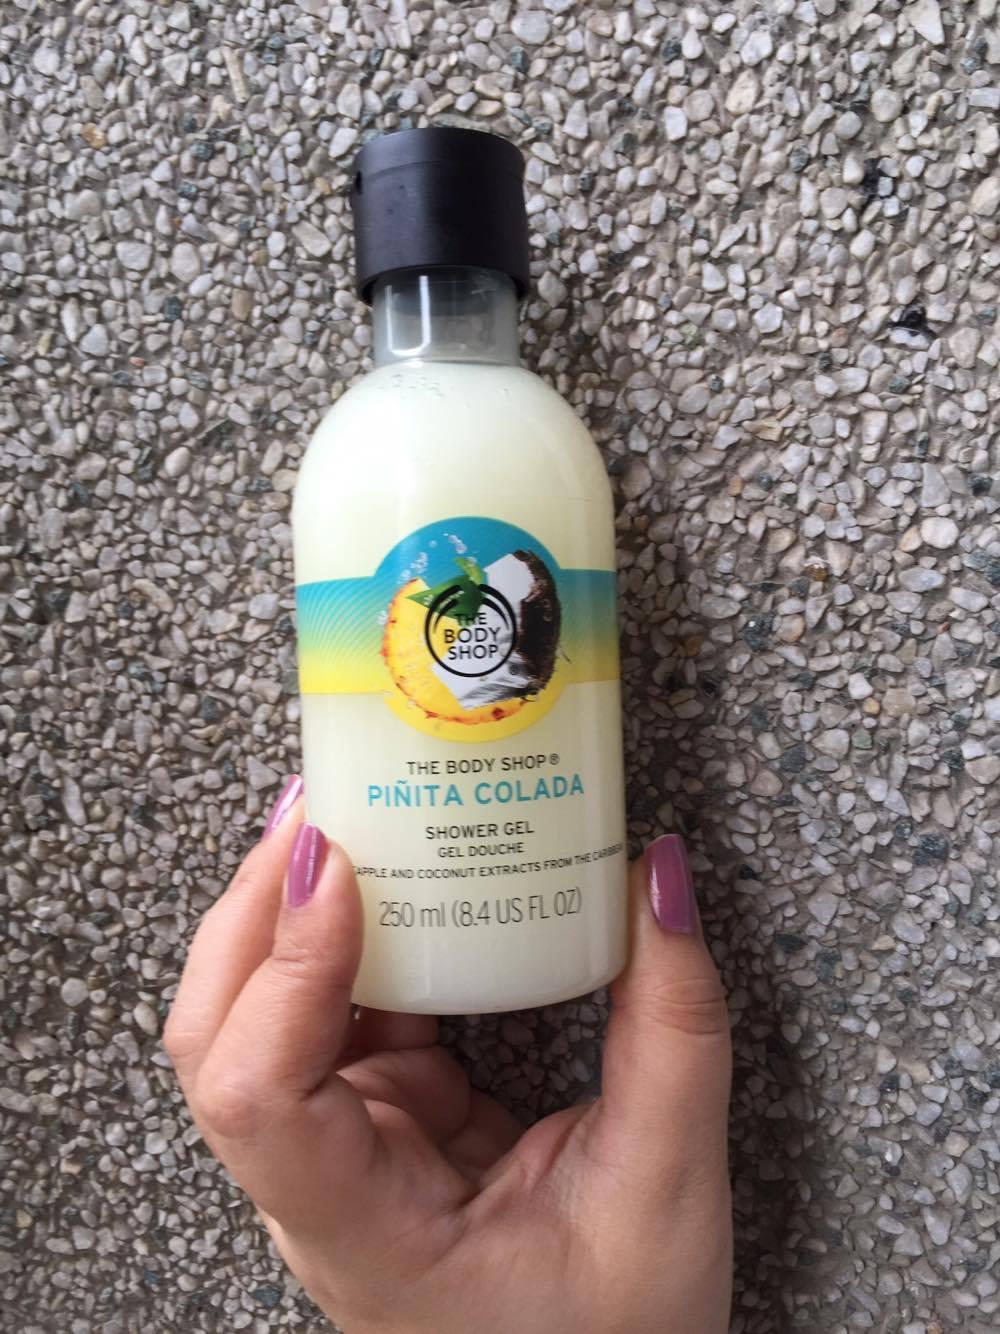 The Body Shop Pinita Colada Shower Gel review